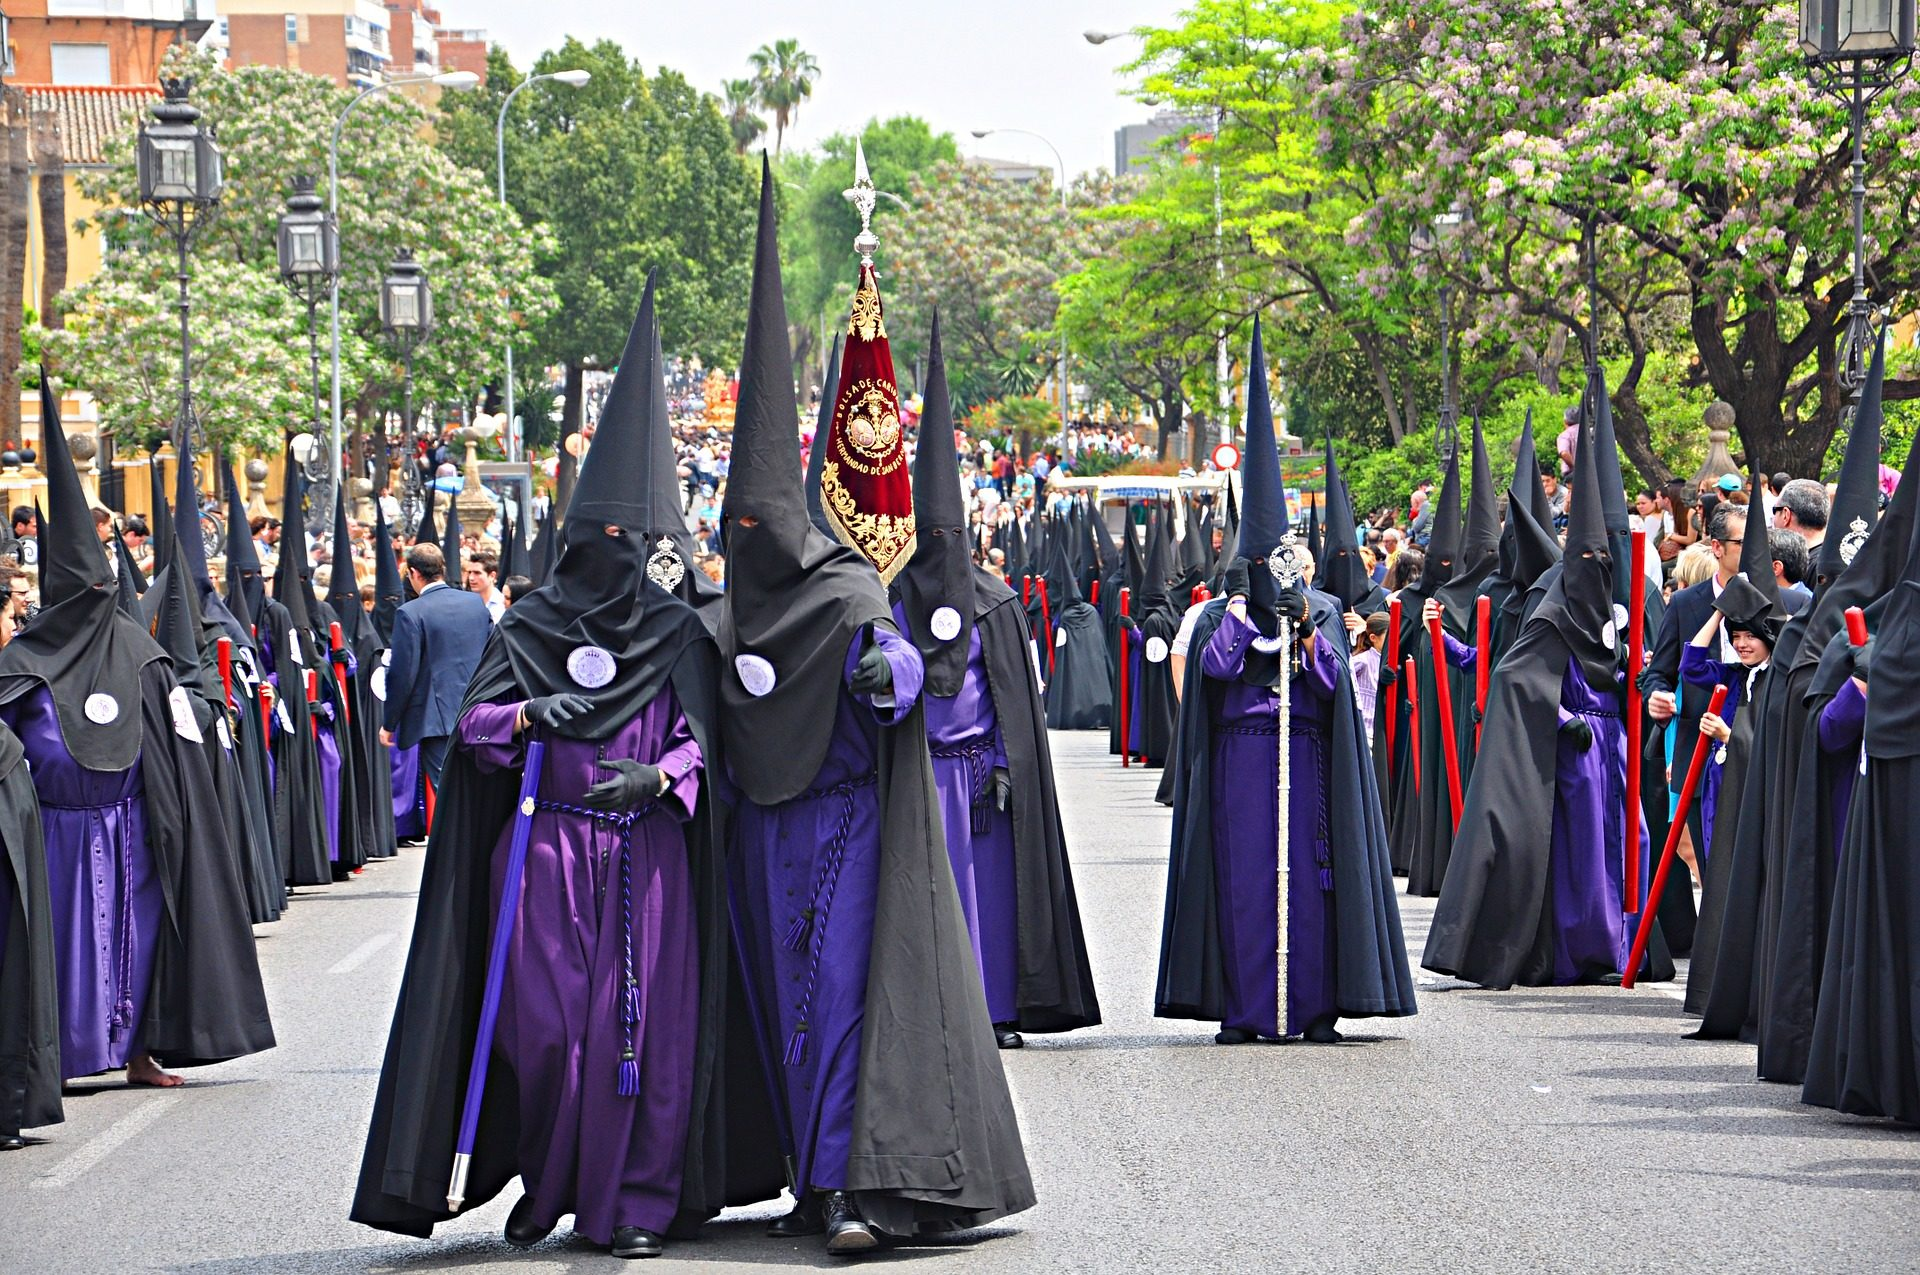 عيد الفصح, موكب, جماعة الإخوان المسلمين, الناصريين, المسيحية, إشبيلية, إسبانيا - خلفيات عالية الدقة - أستاذ falken.com